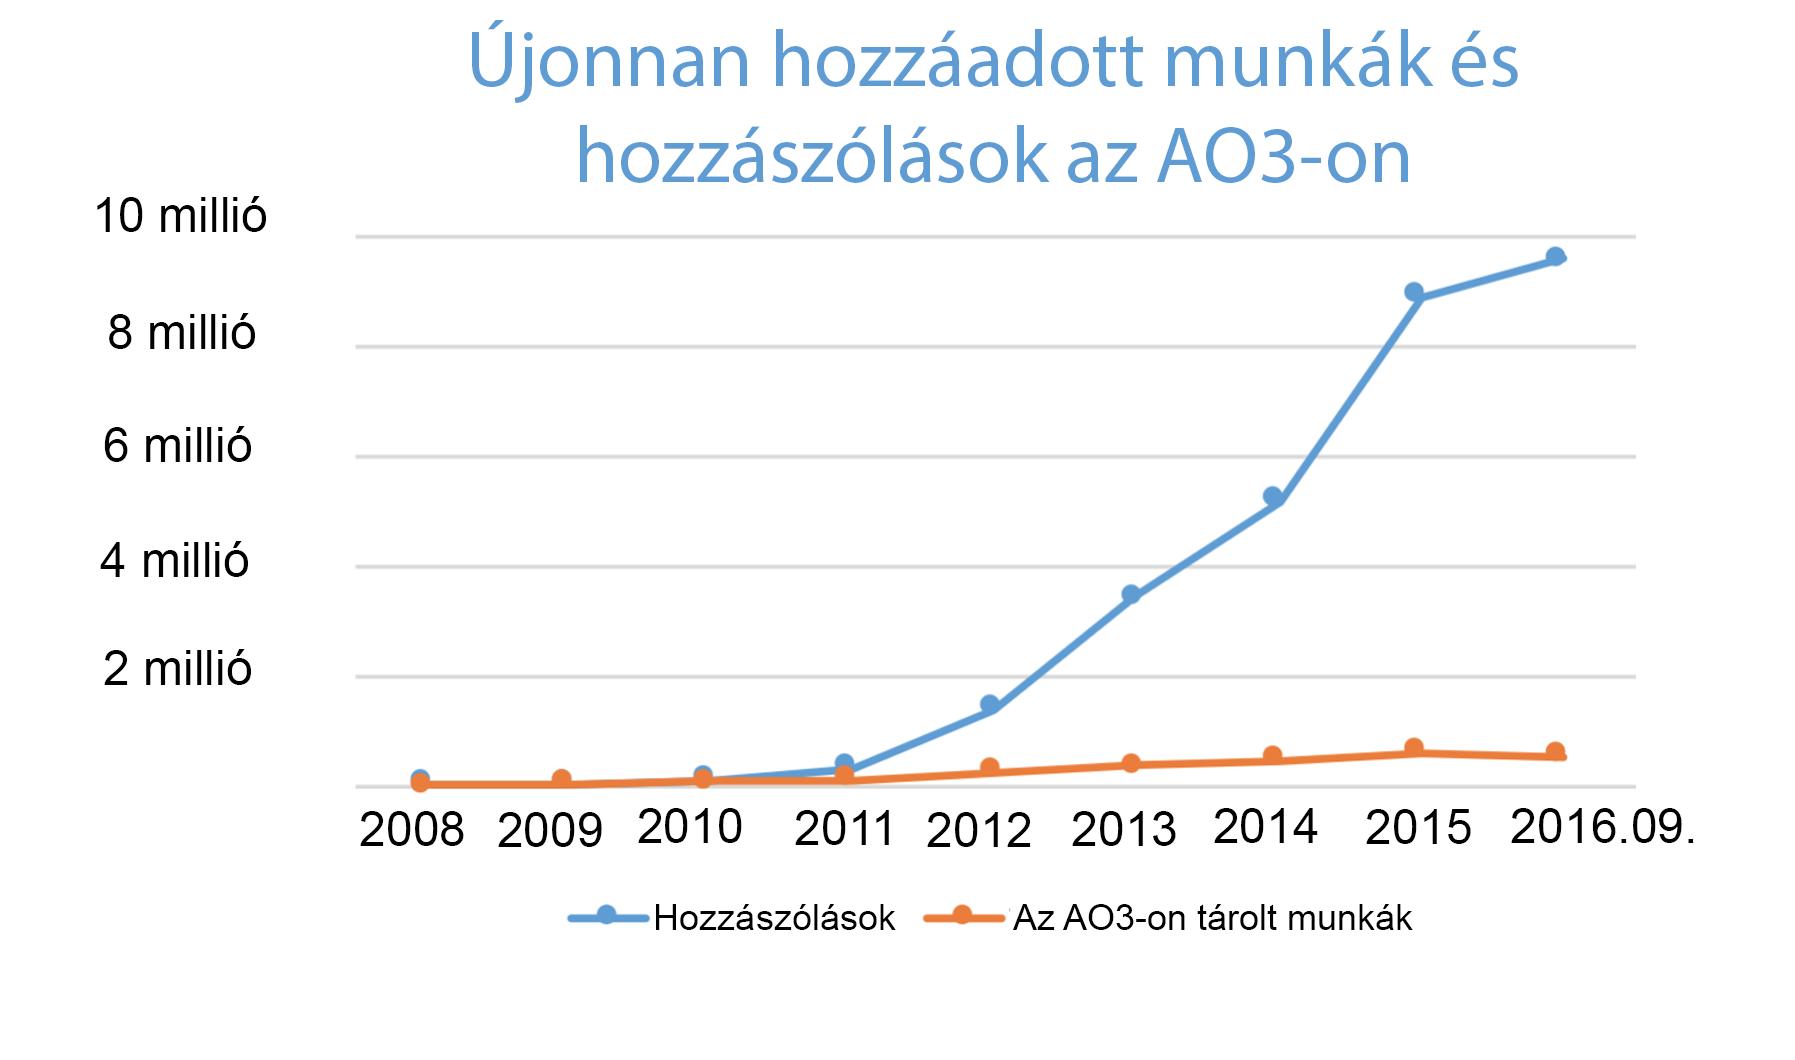 Az AO3-on az egyes évek folyamán megalkotott munkák és hozzászólások növekedés grafikonja, mely a 2008-as nullától indul, és a csak ezévben több mint 500.000 munkáig és 9,5 millió hozzászólásig tart.